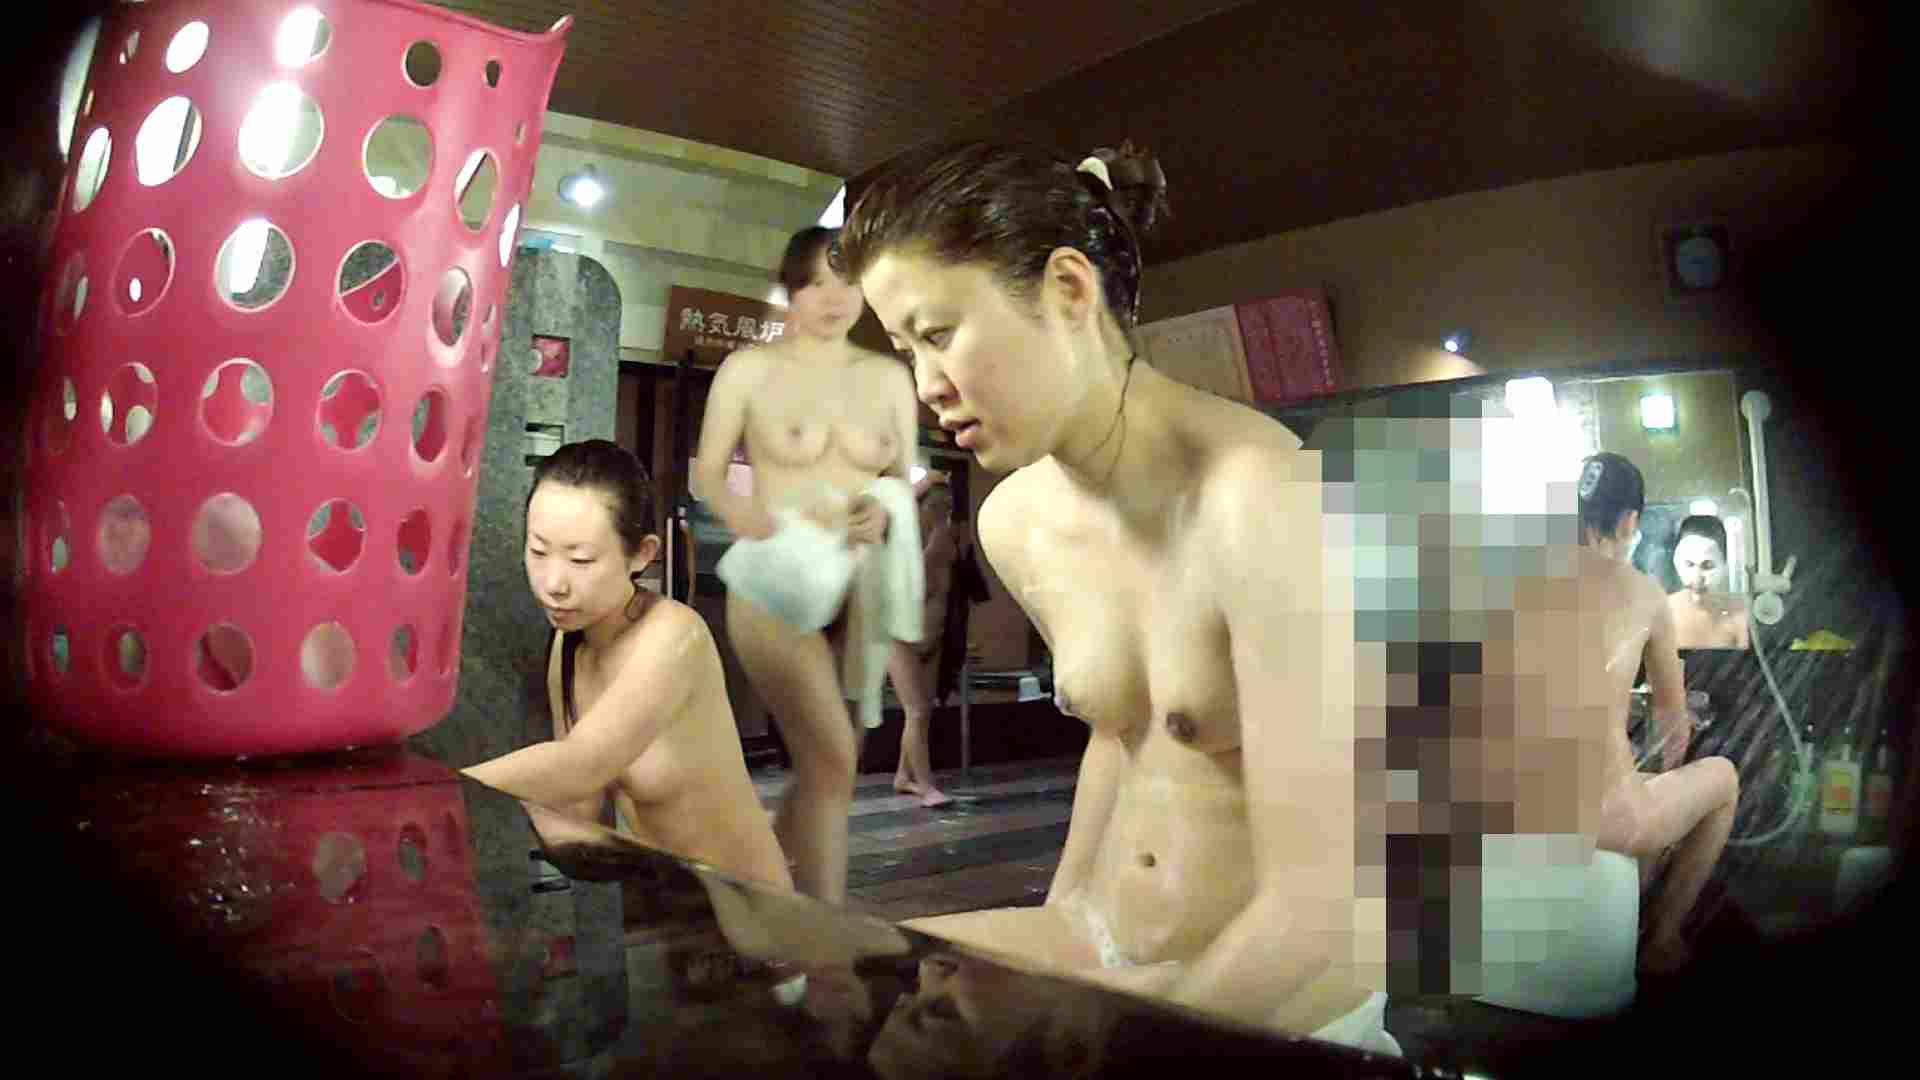 ハイビジョン 洗い場!No.1 うっすら覗く一本道×2 細身体型 ワレメ動画紹介 90枚 66